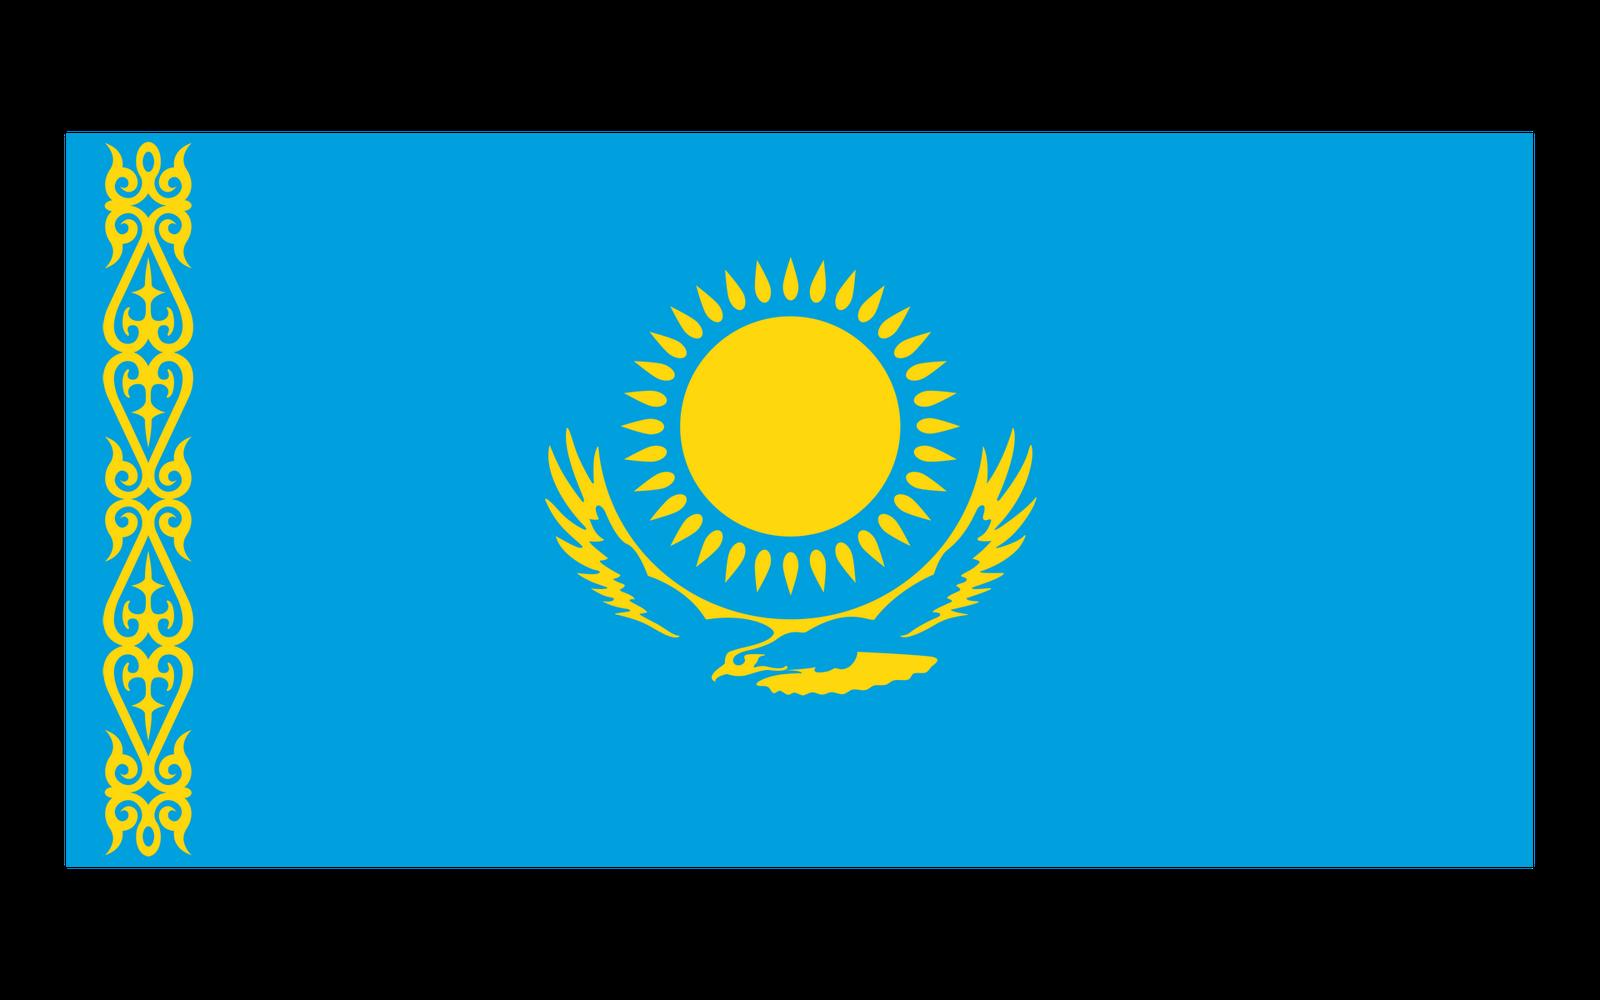 World Flags Kazakhstan Flag Hd Wallpaper